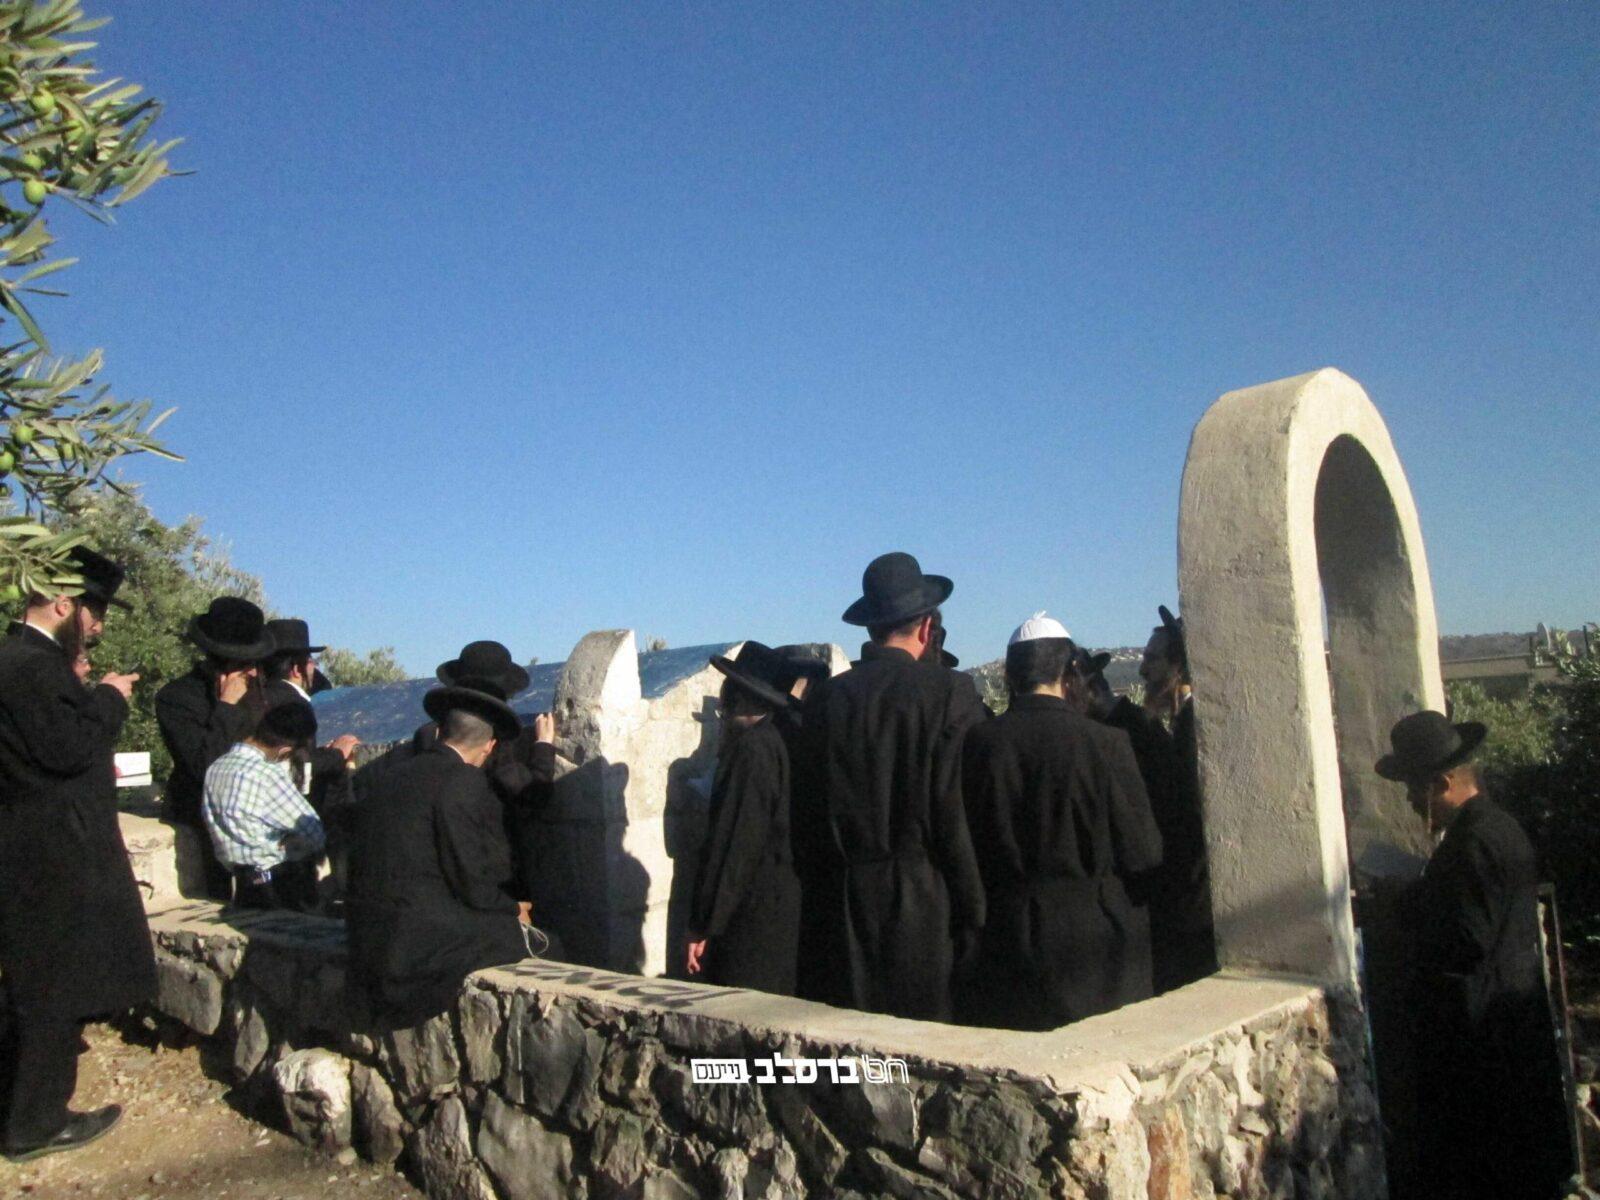 מורשת הנחל • האברכים בנסיעה לקברי צדיקים ערב ראש חודש אלול